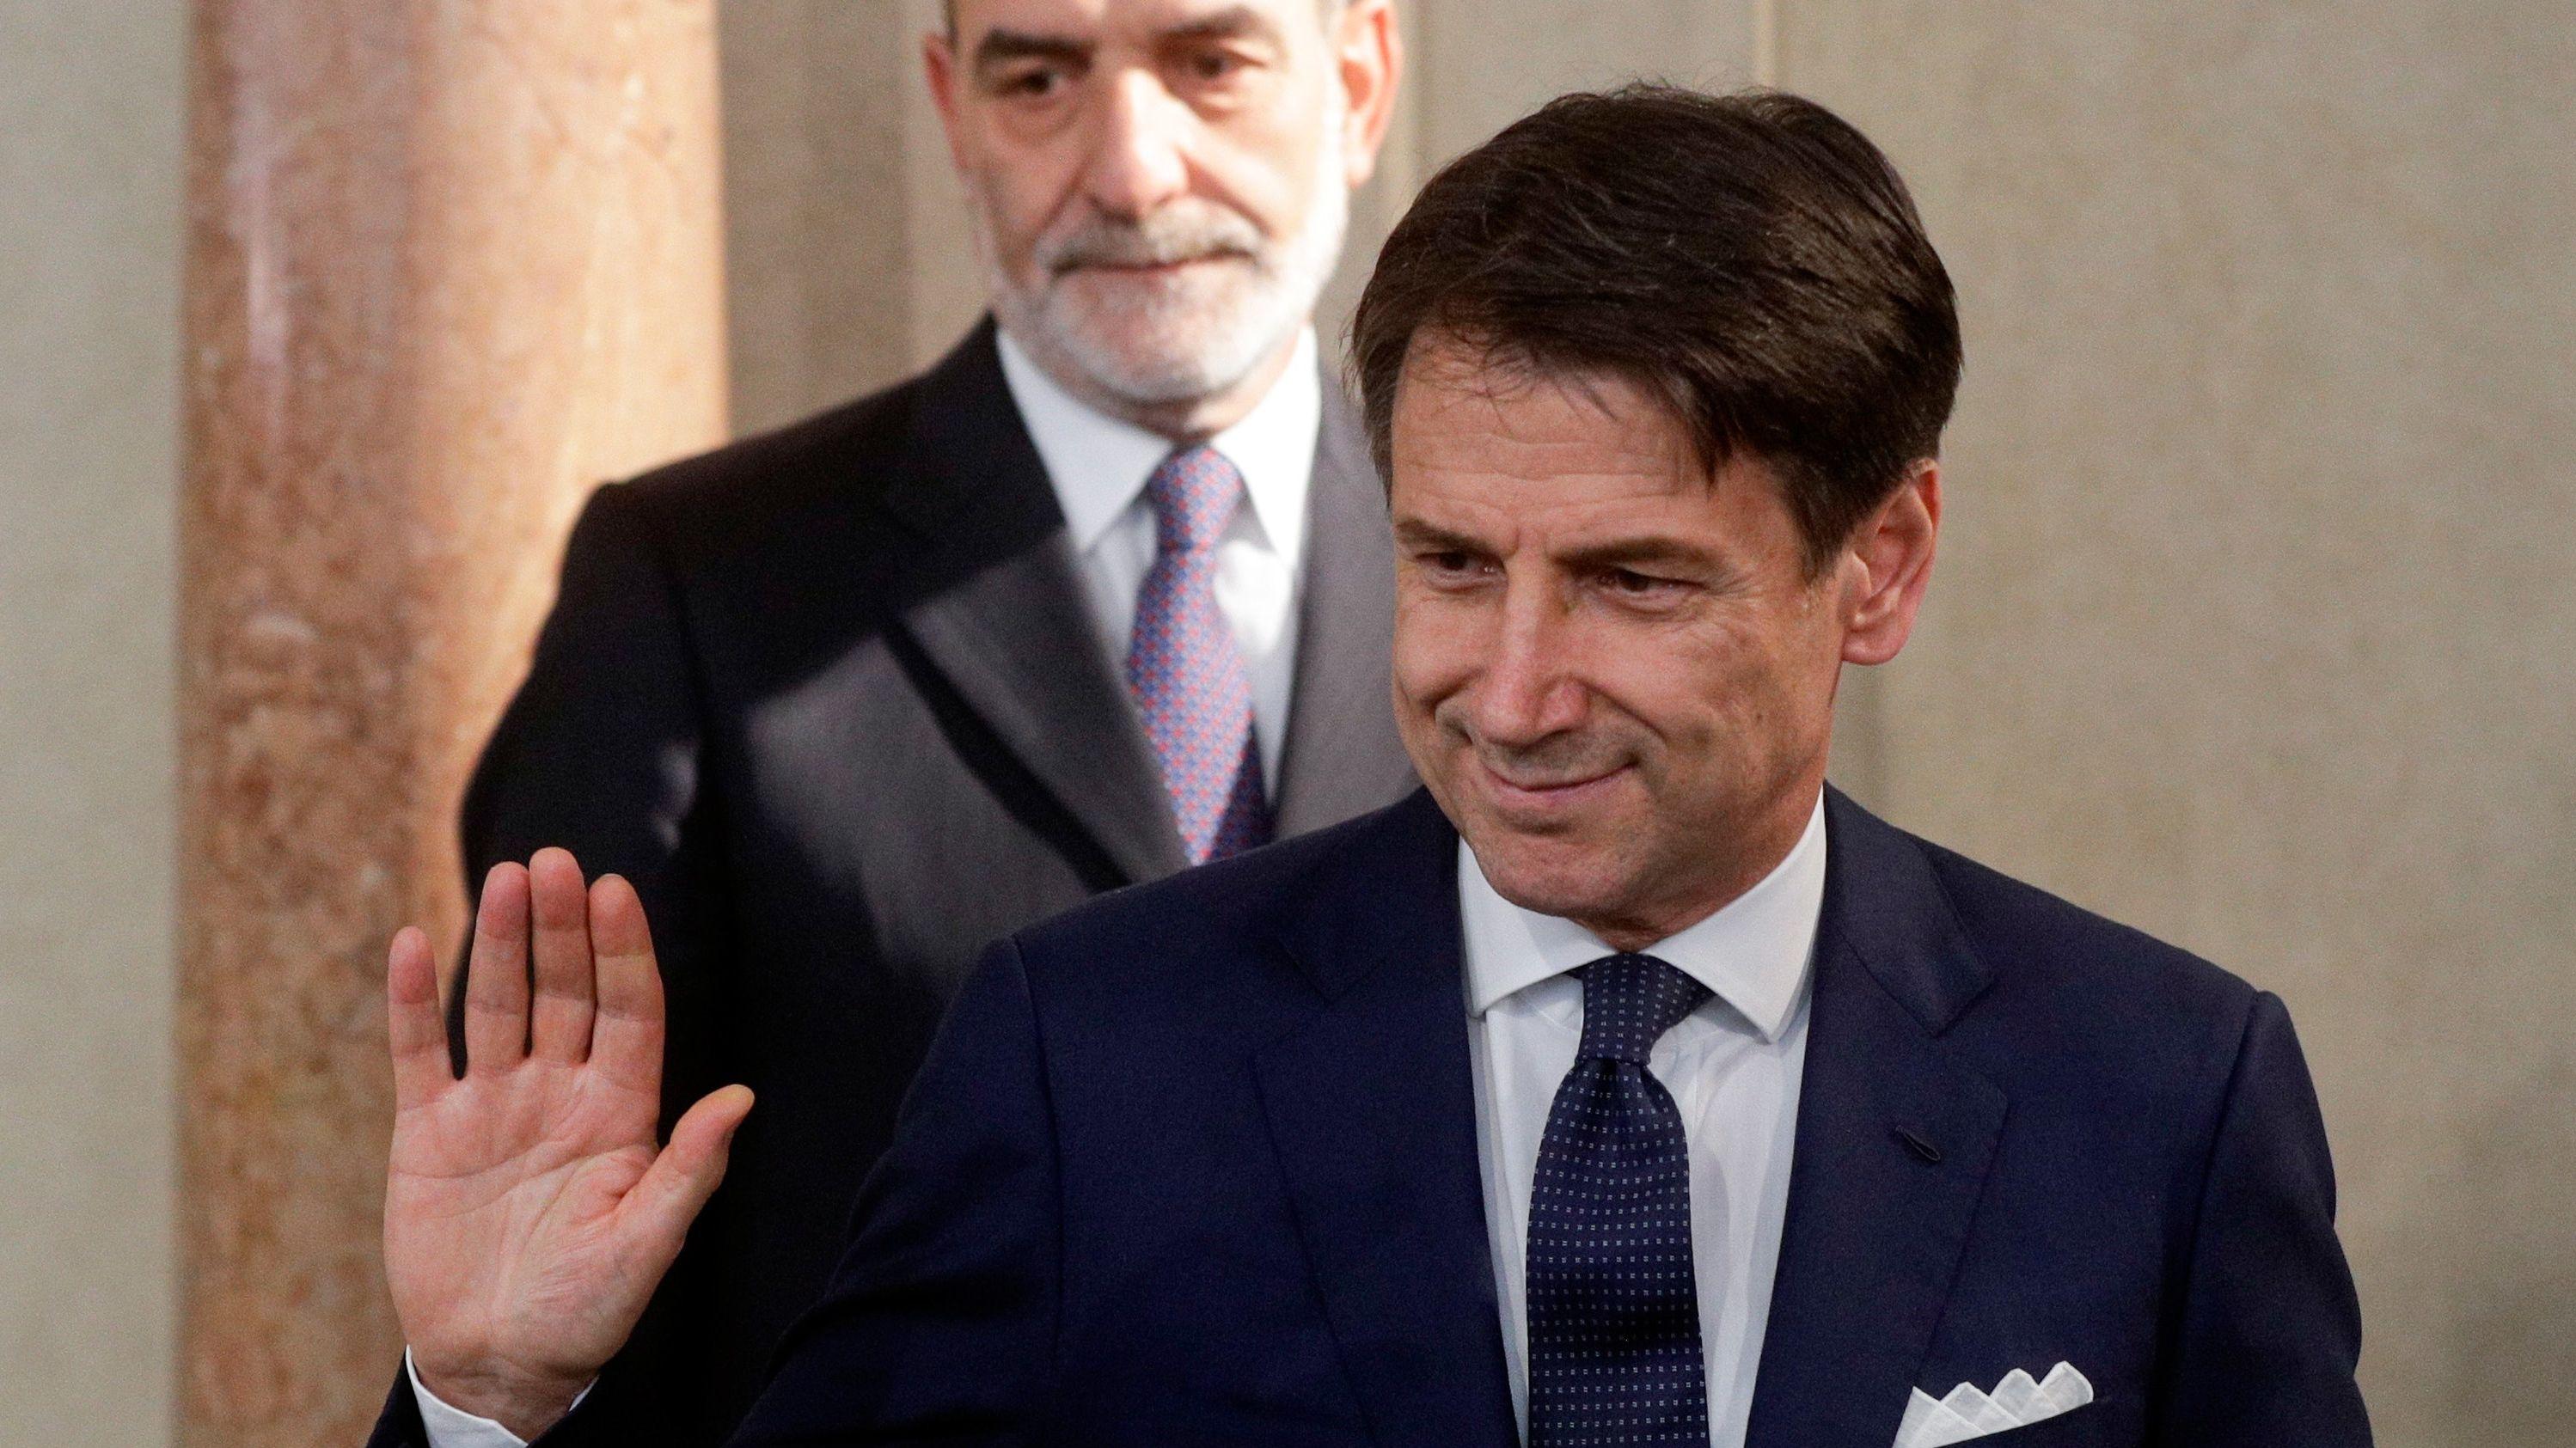 Giuseppe Conte, Ministerpräsident von Italien, trifft am Quirinalspalast Journalisten. Conte traf sich zuvor mit Staatspräsident Mattarella.